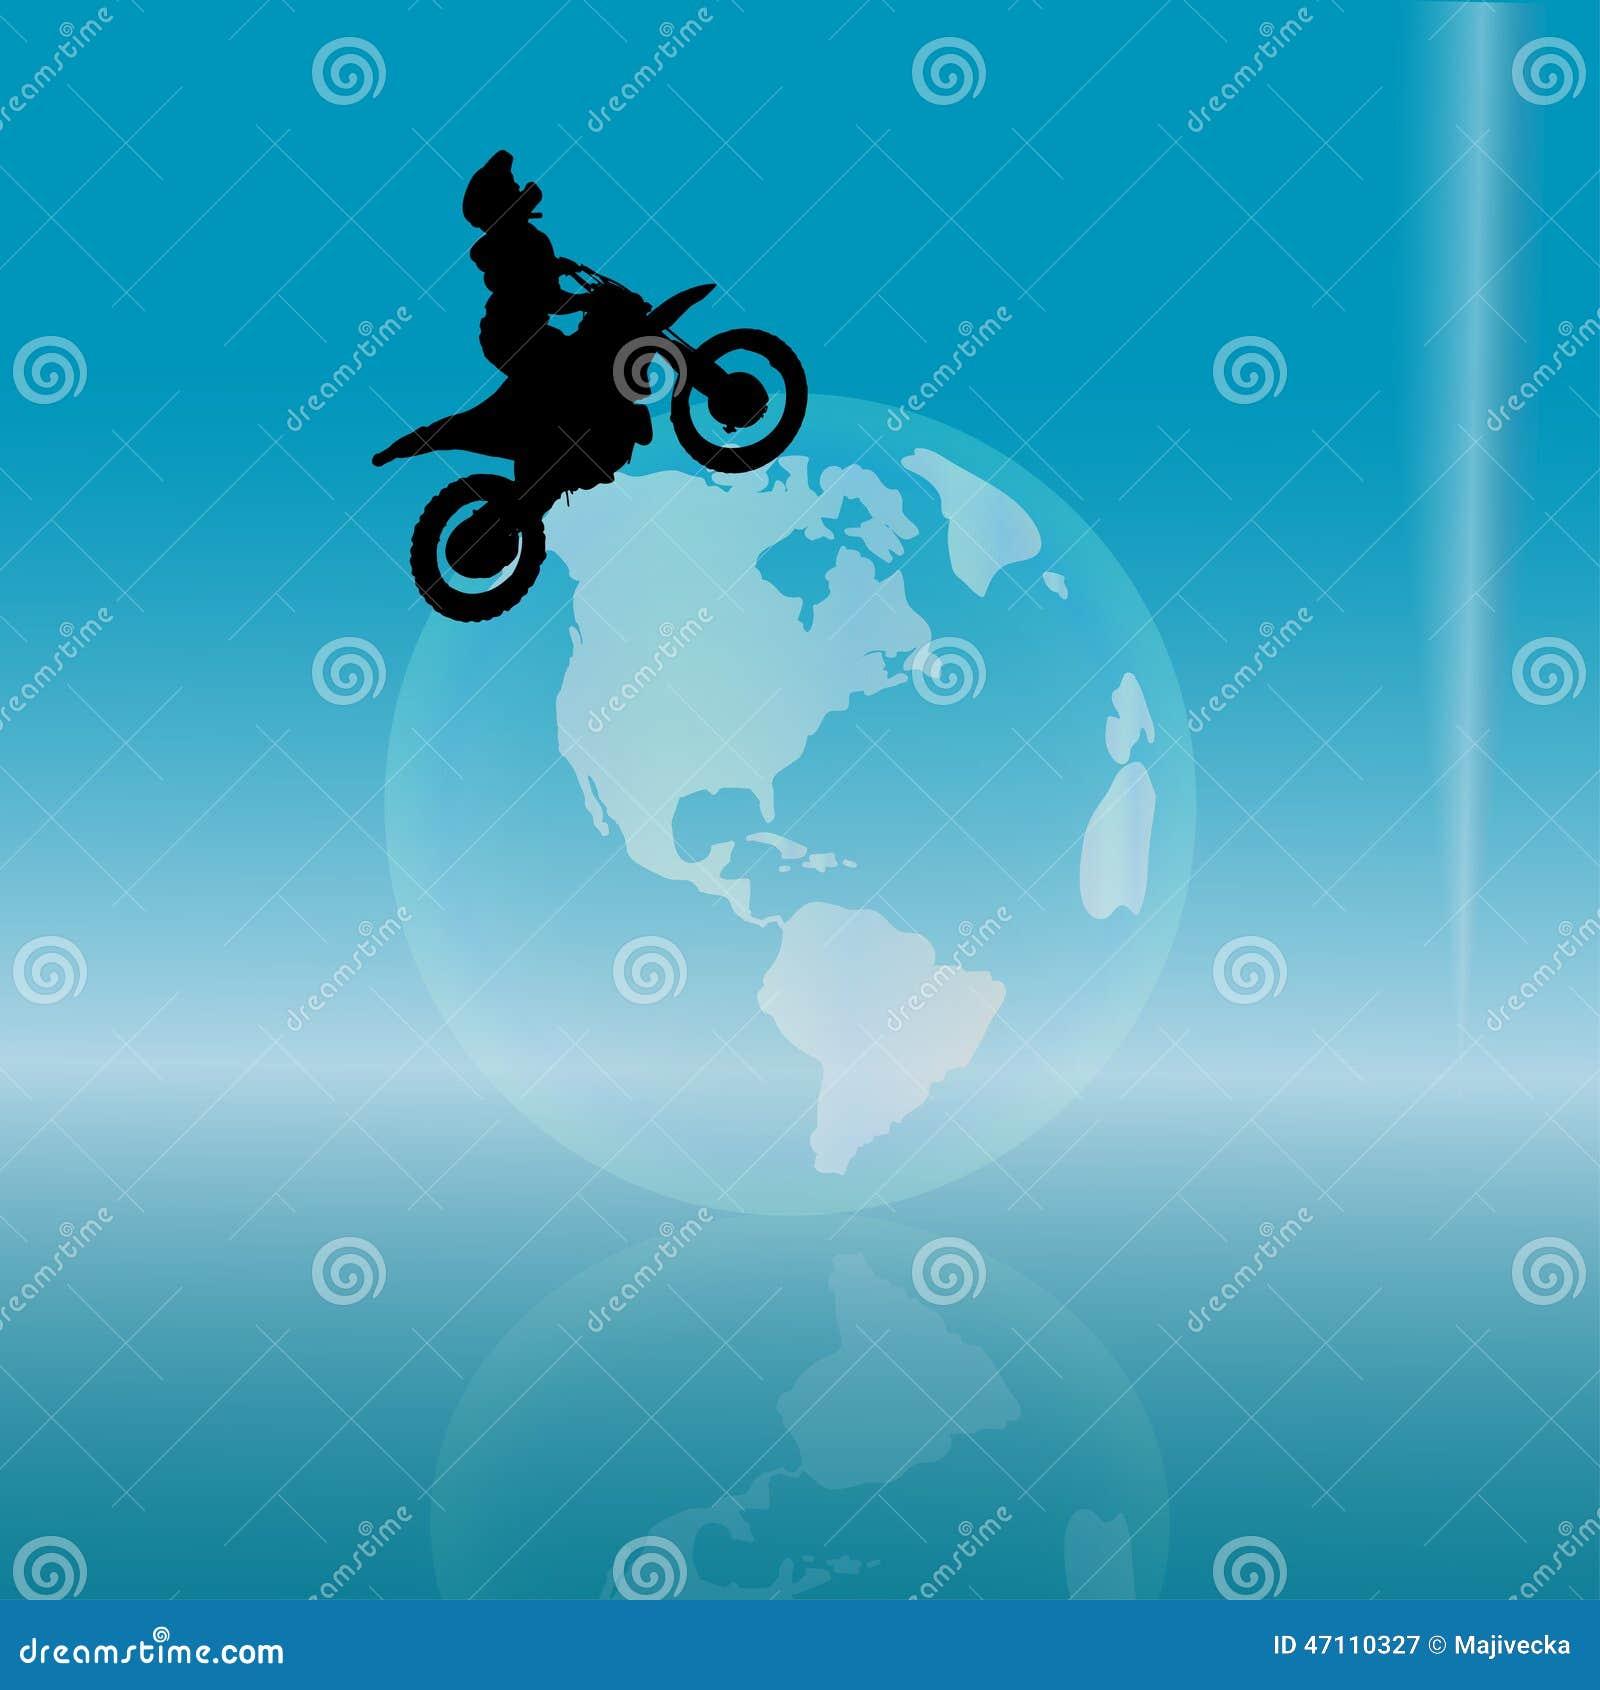 Vektorkontur av en cyklist